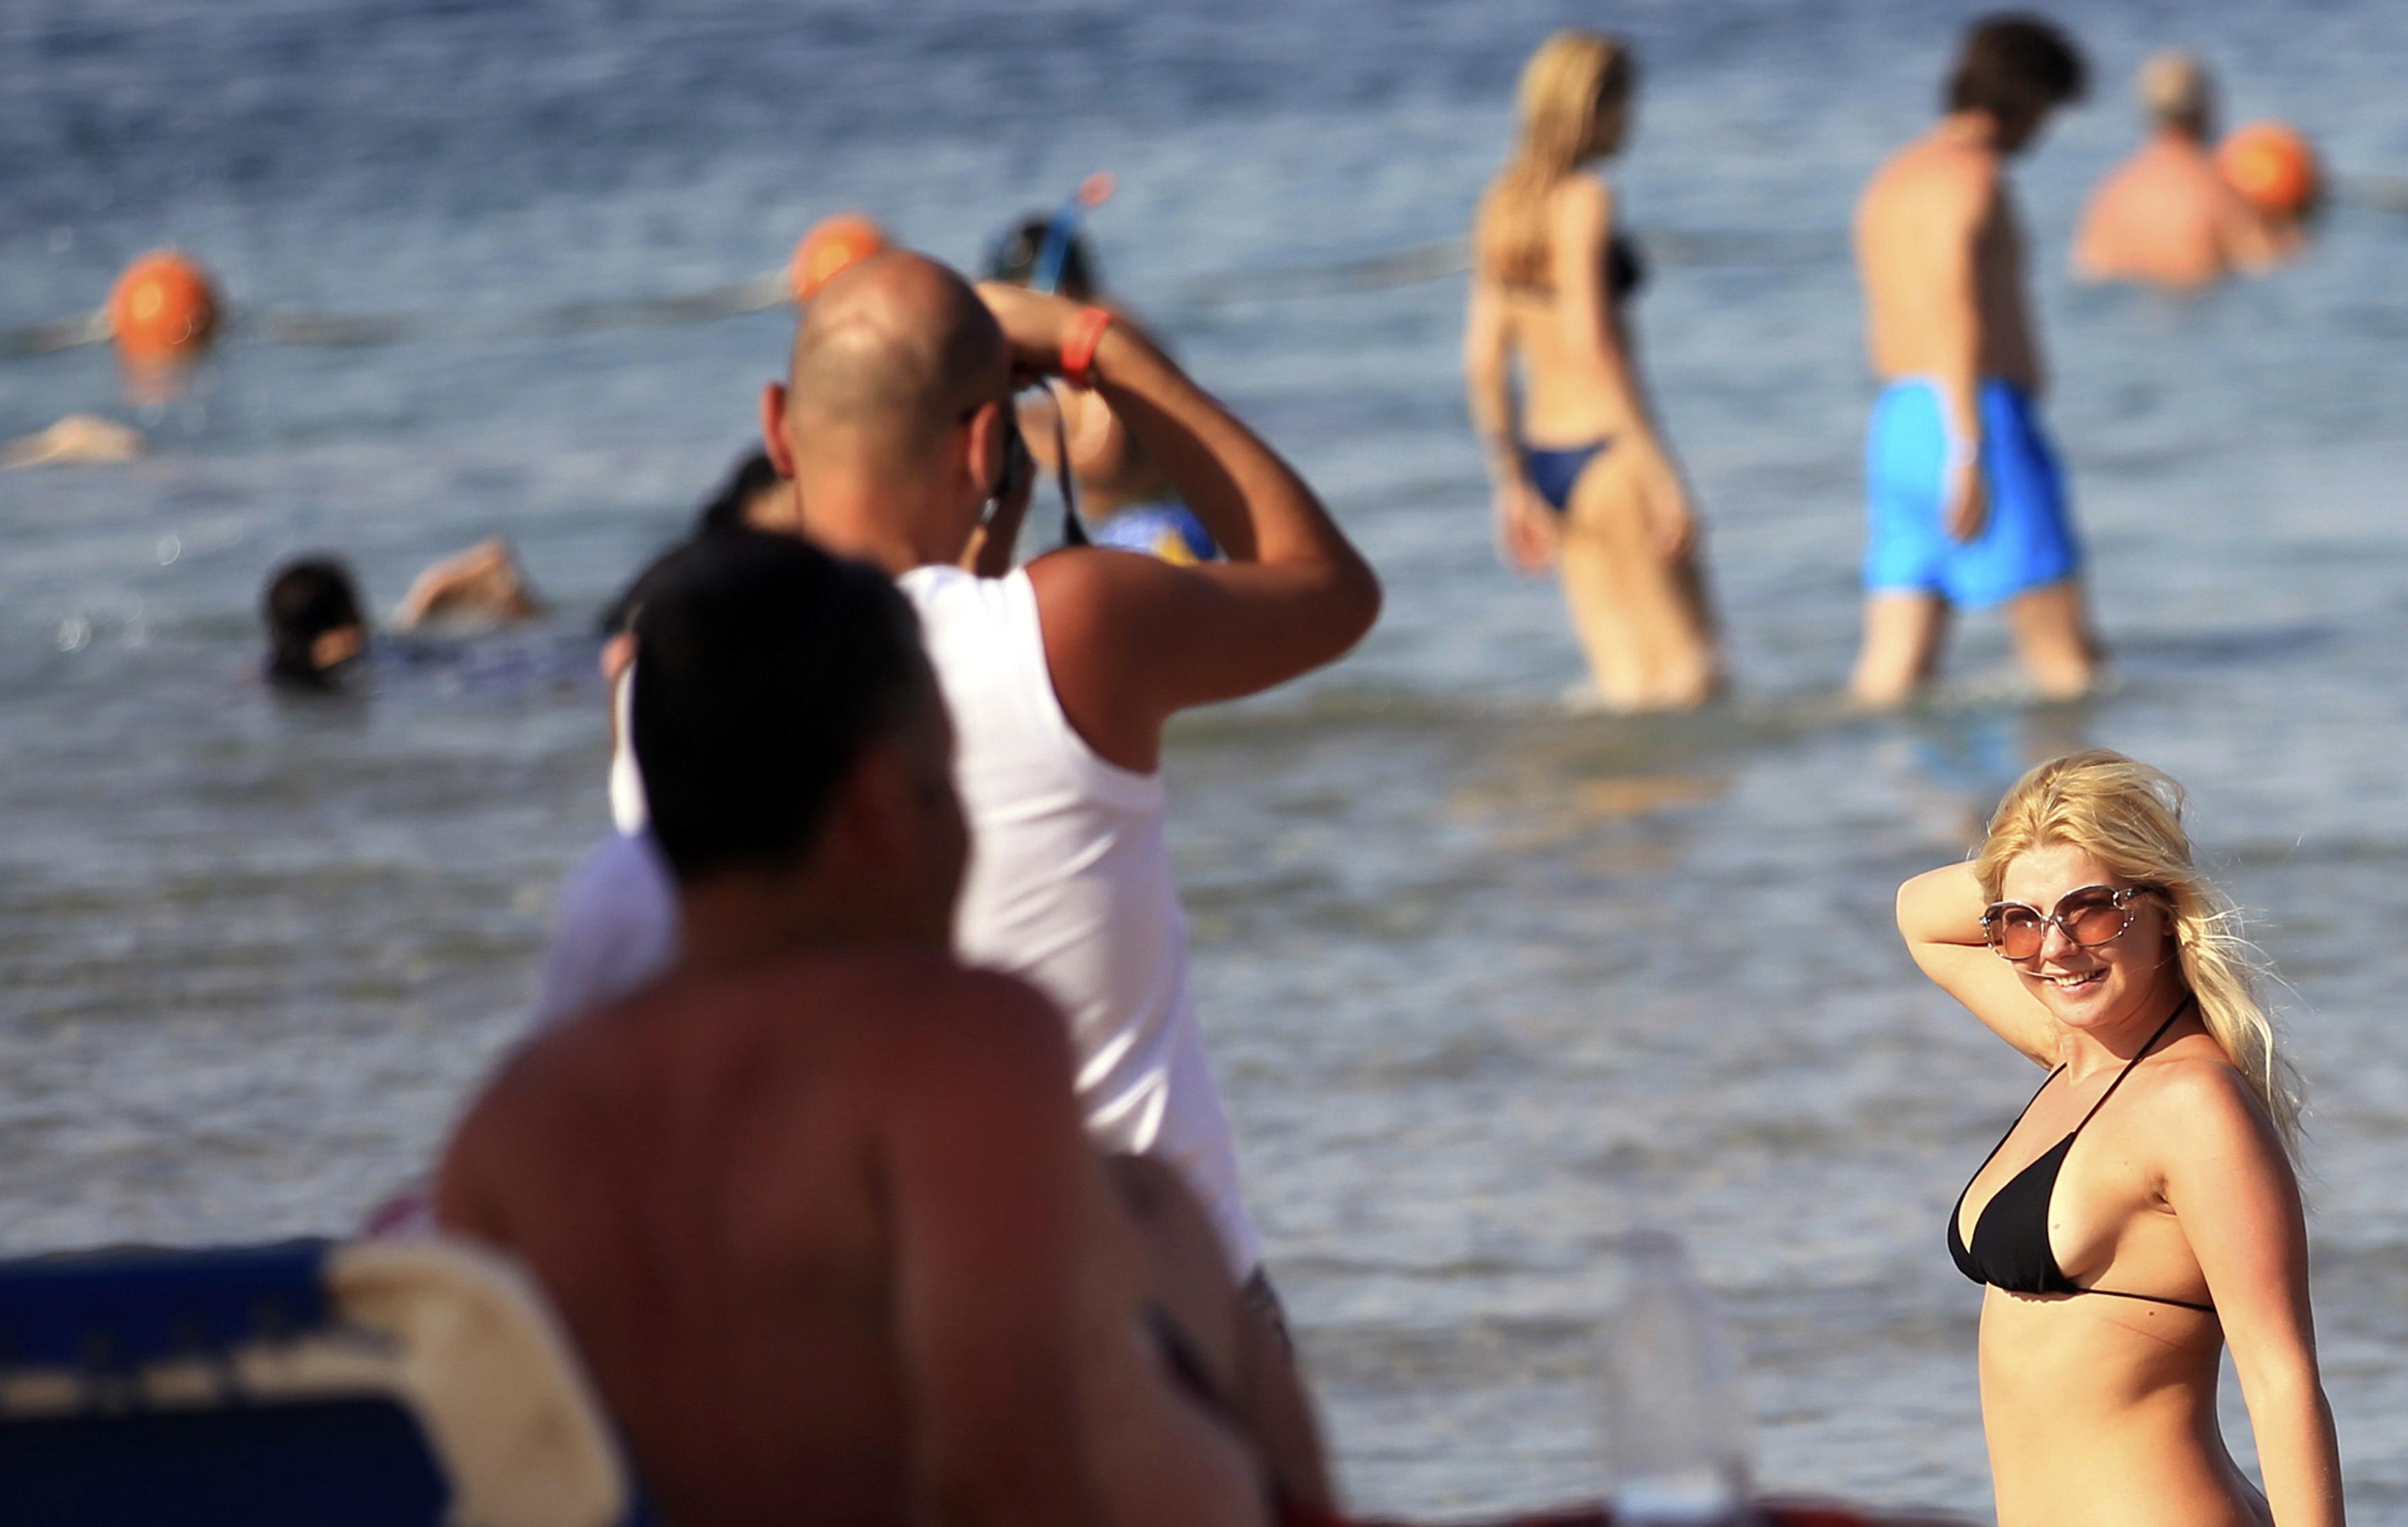 Фото голых девок в египте, Голая египтянка мечта фараона 11 фотография